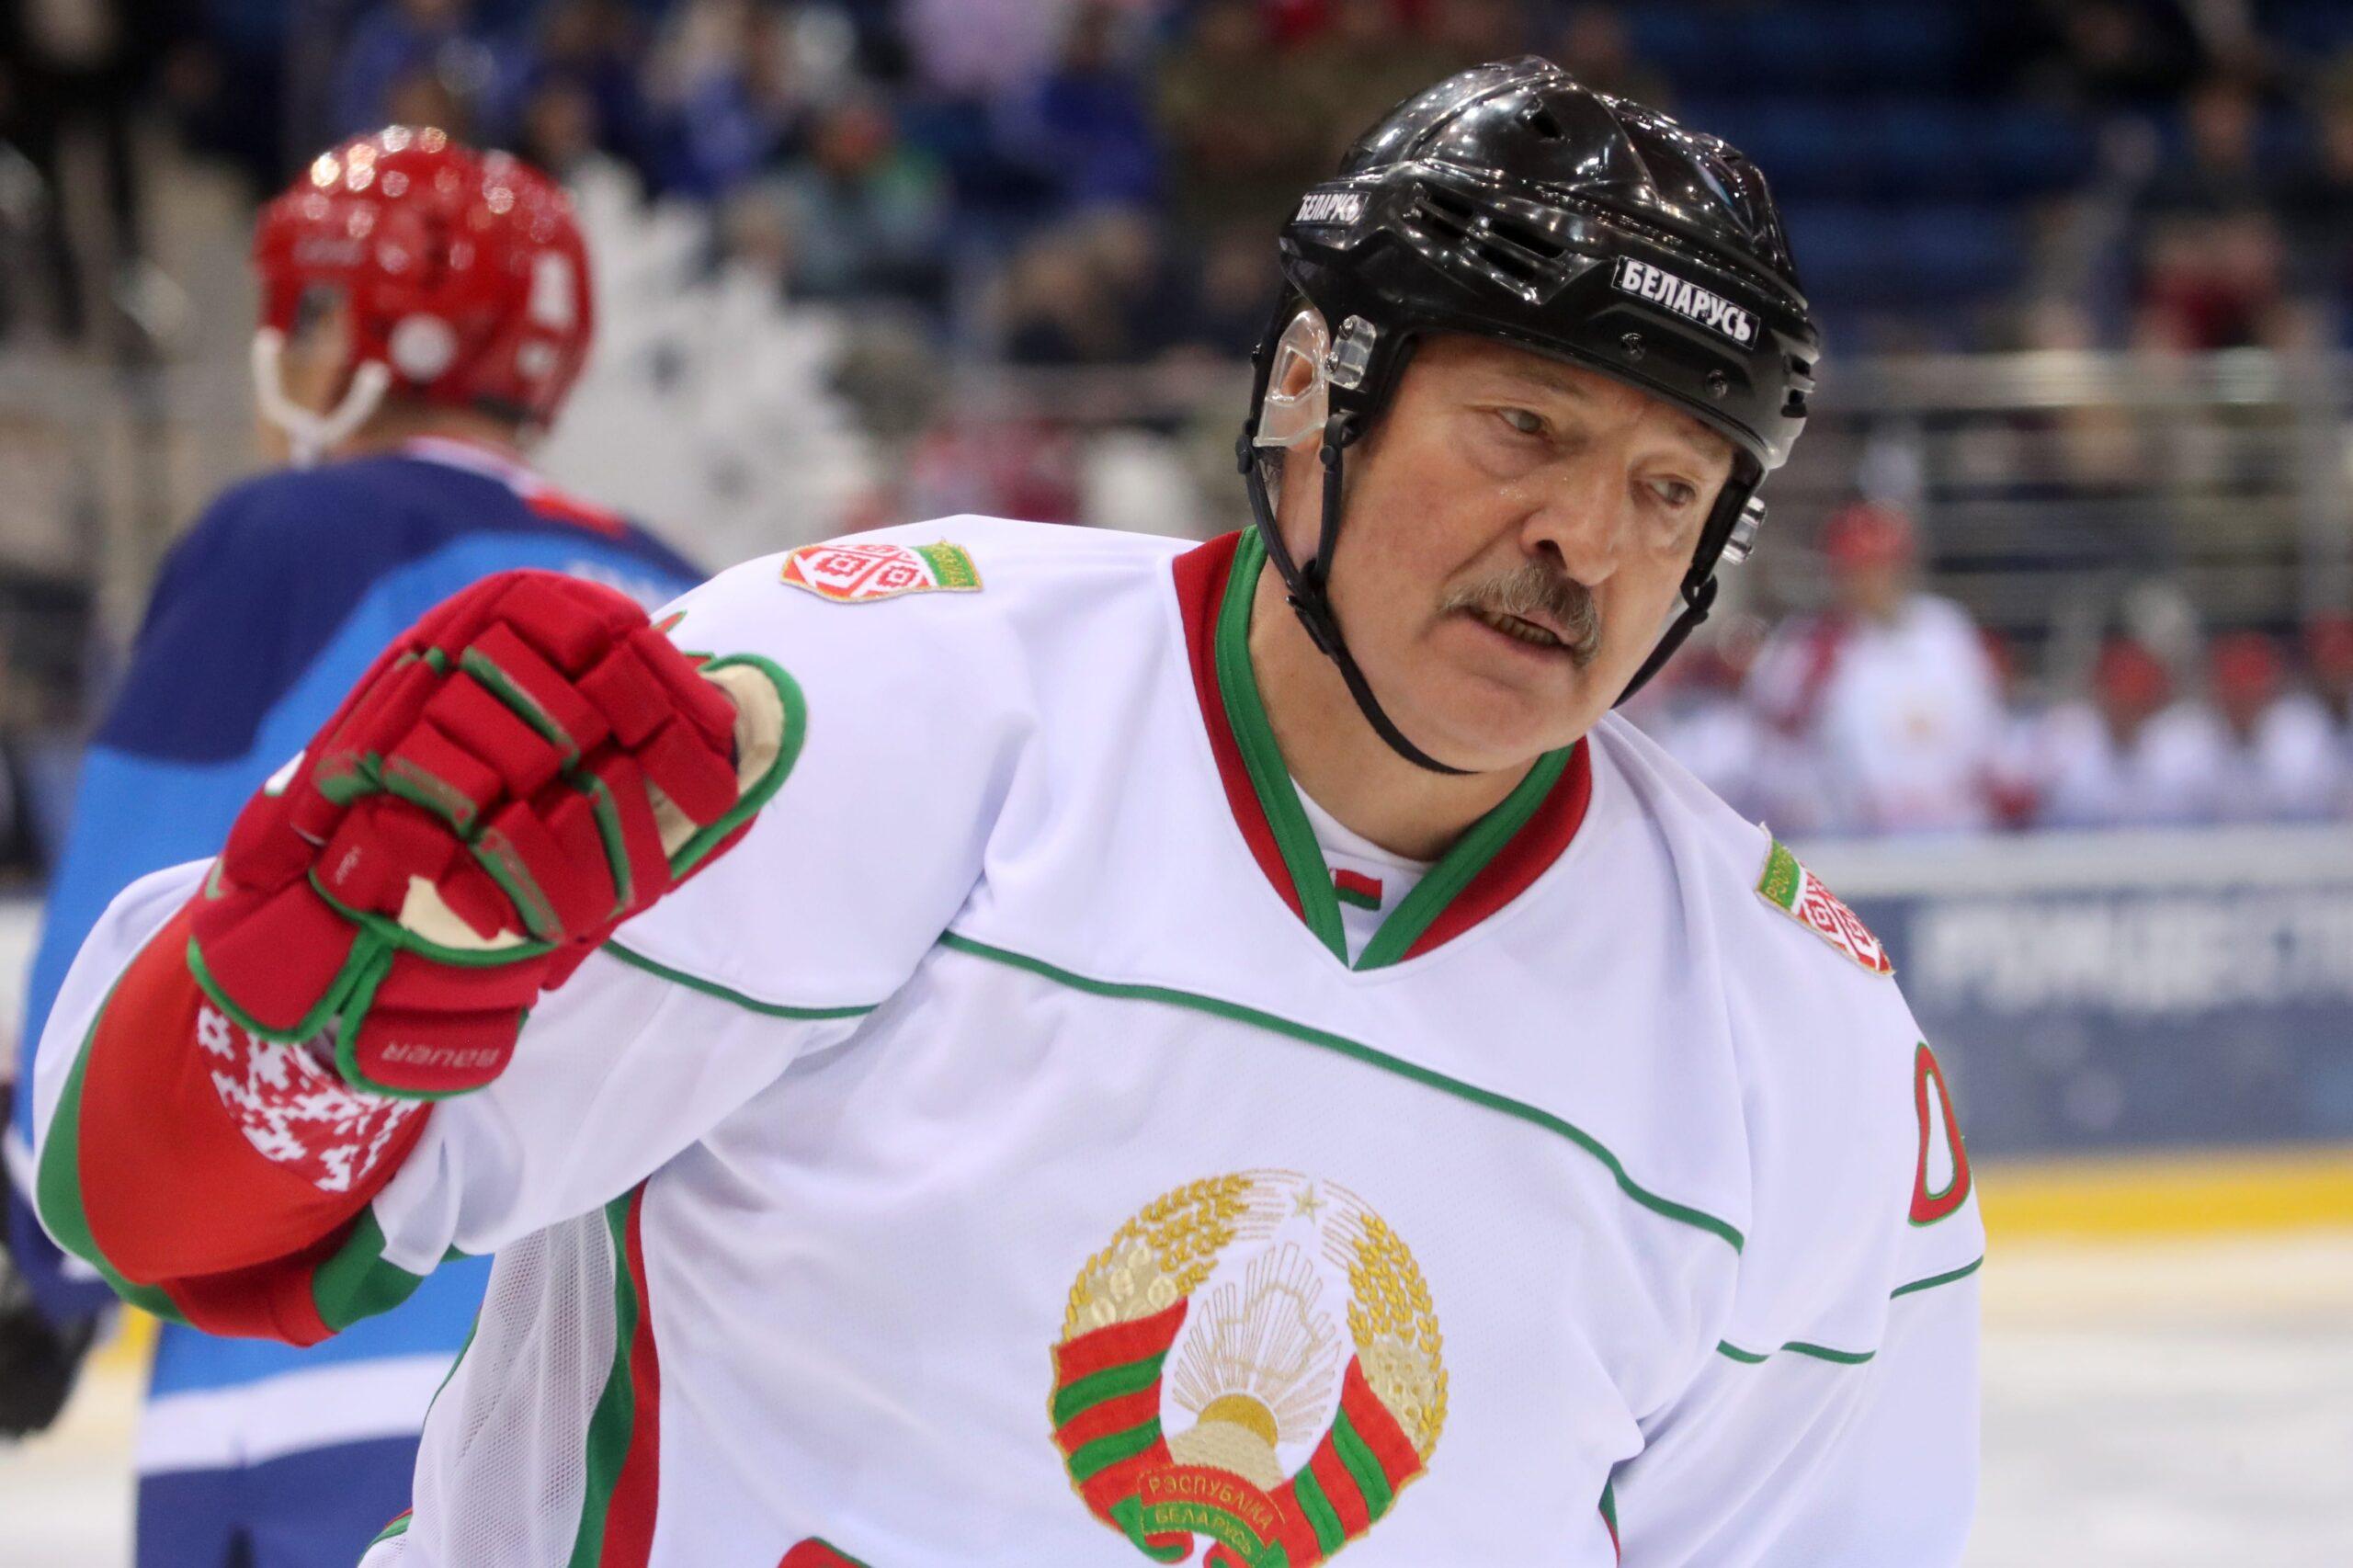 Сейм Латвии отвергает любую вероятность проведения ЧМ-2021 по хоккею в Беларуси